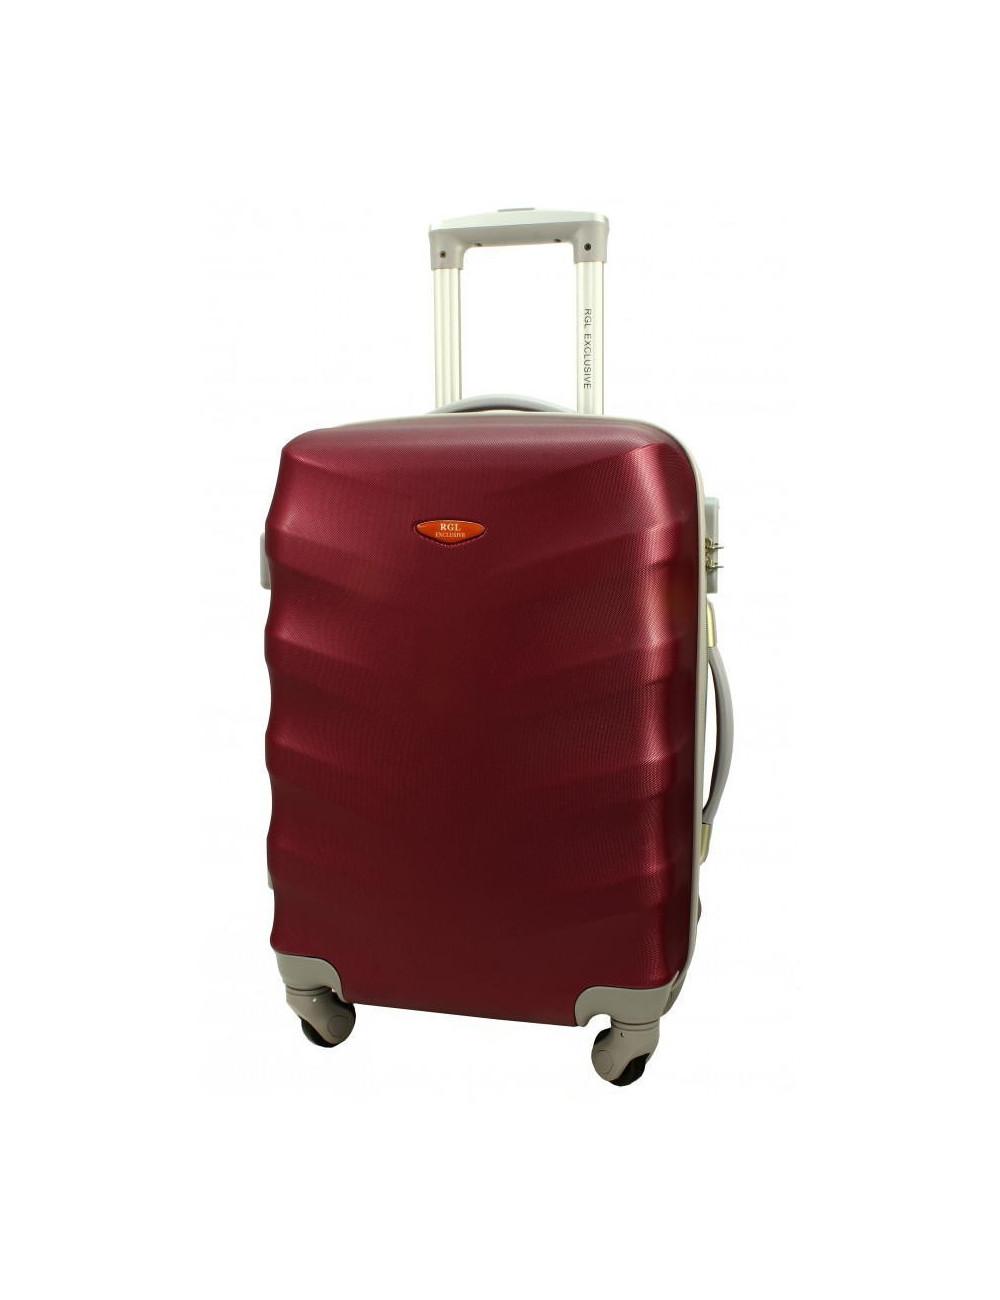 f8e1d18e1 Walizki i torby podrózne, Bagaże podręczne